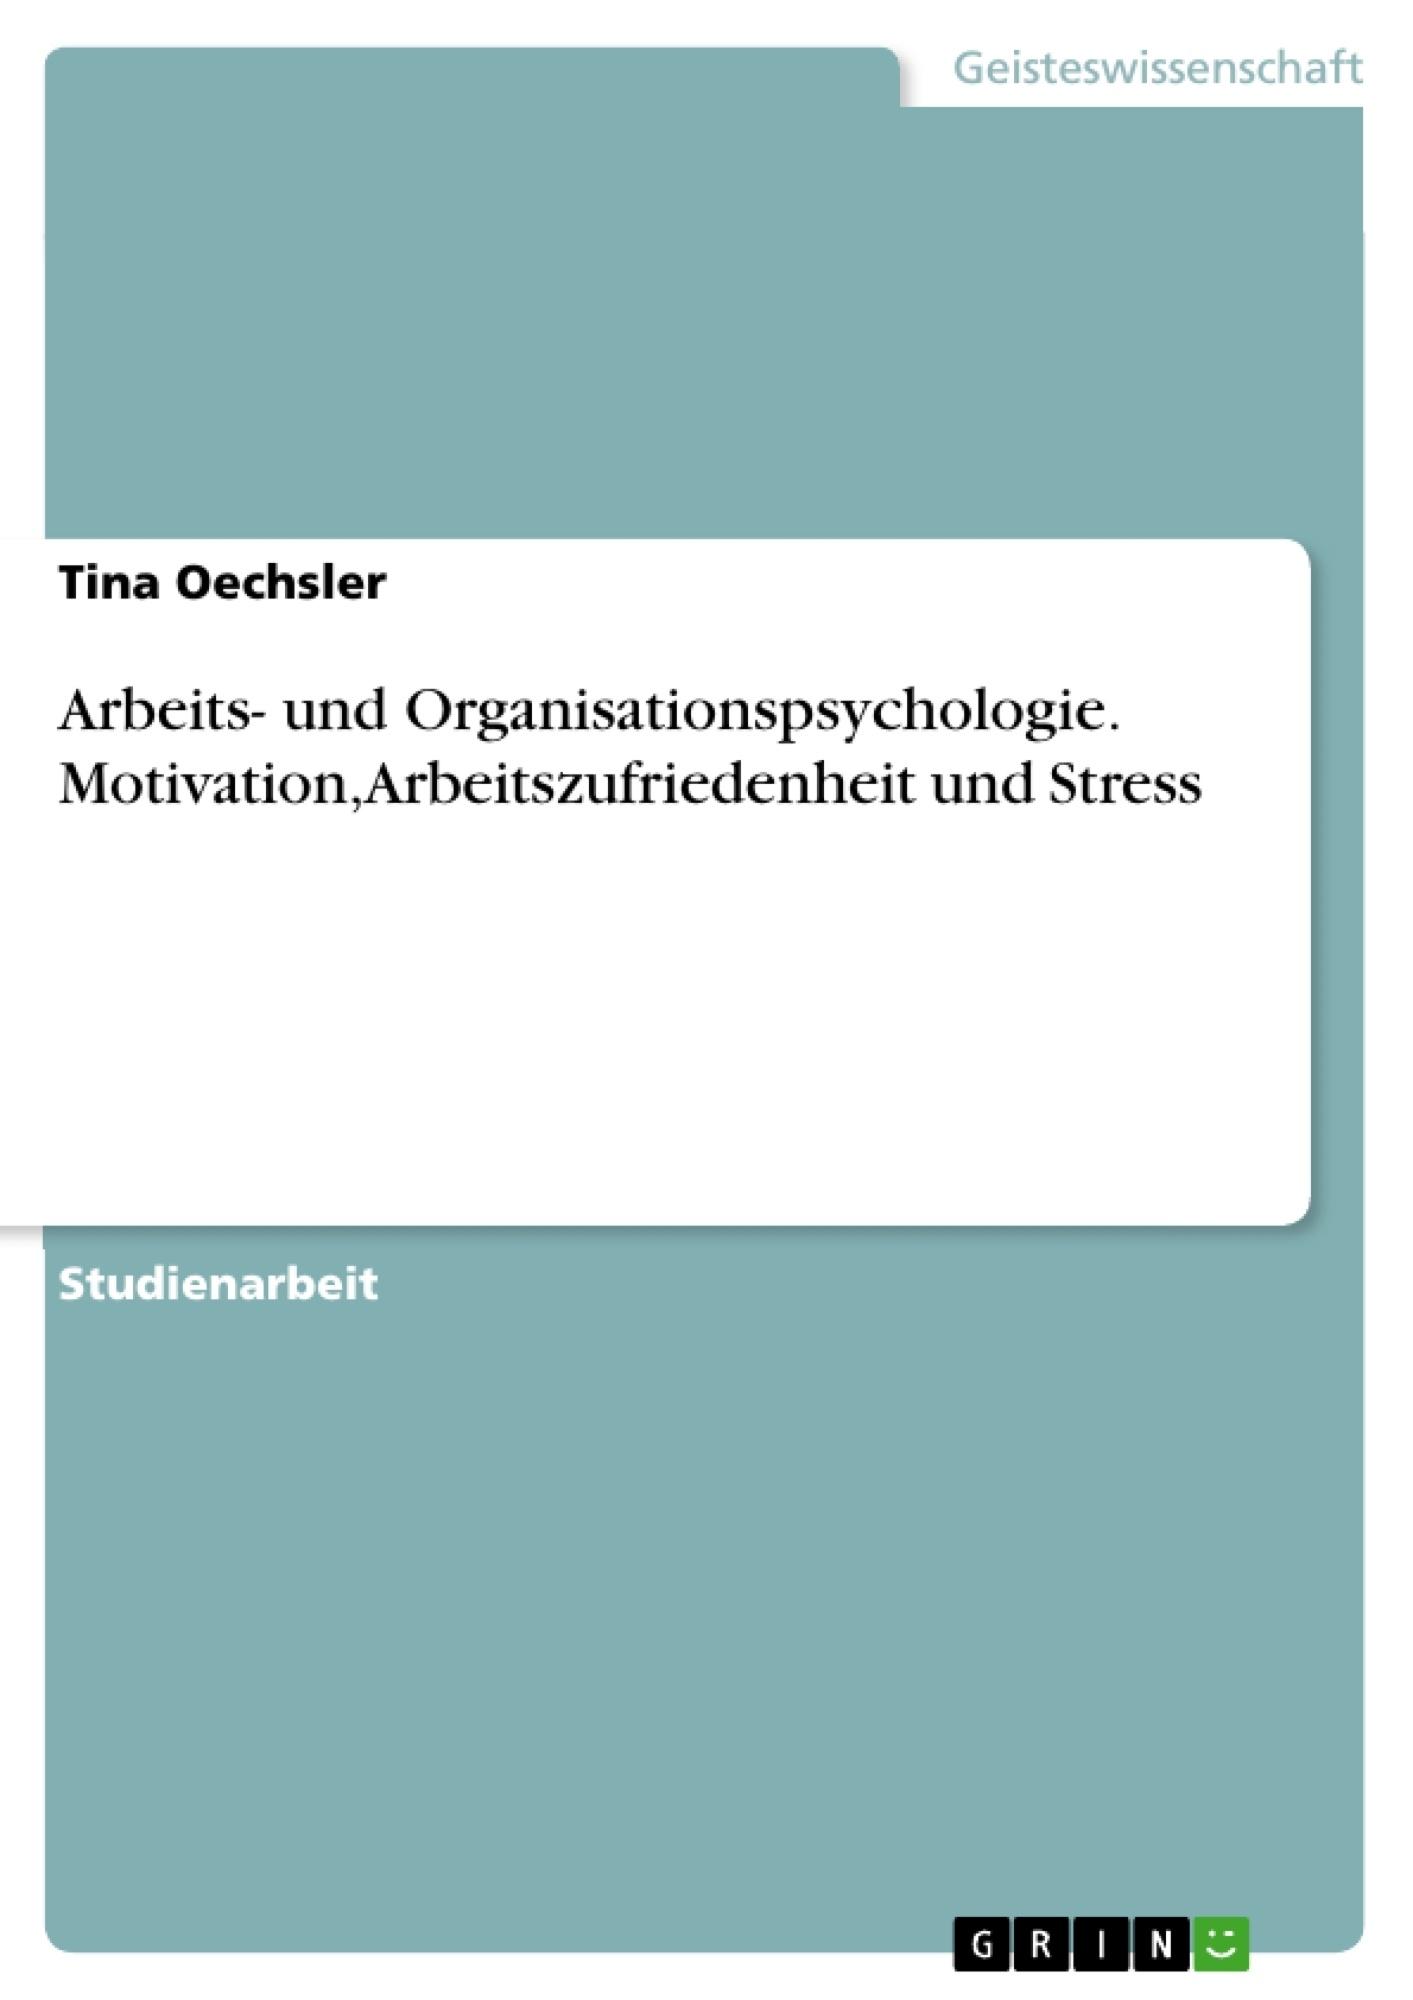 Titel: Arbeits- und Organisationspsychologie. Motivation, Arbeitszufriedenheit und Stress